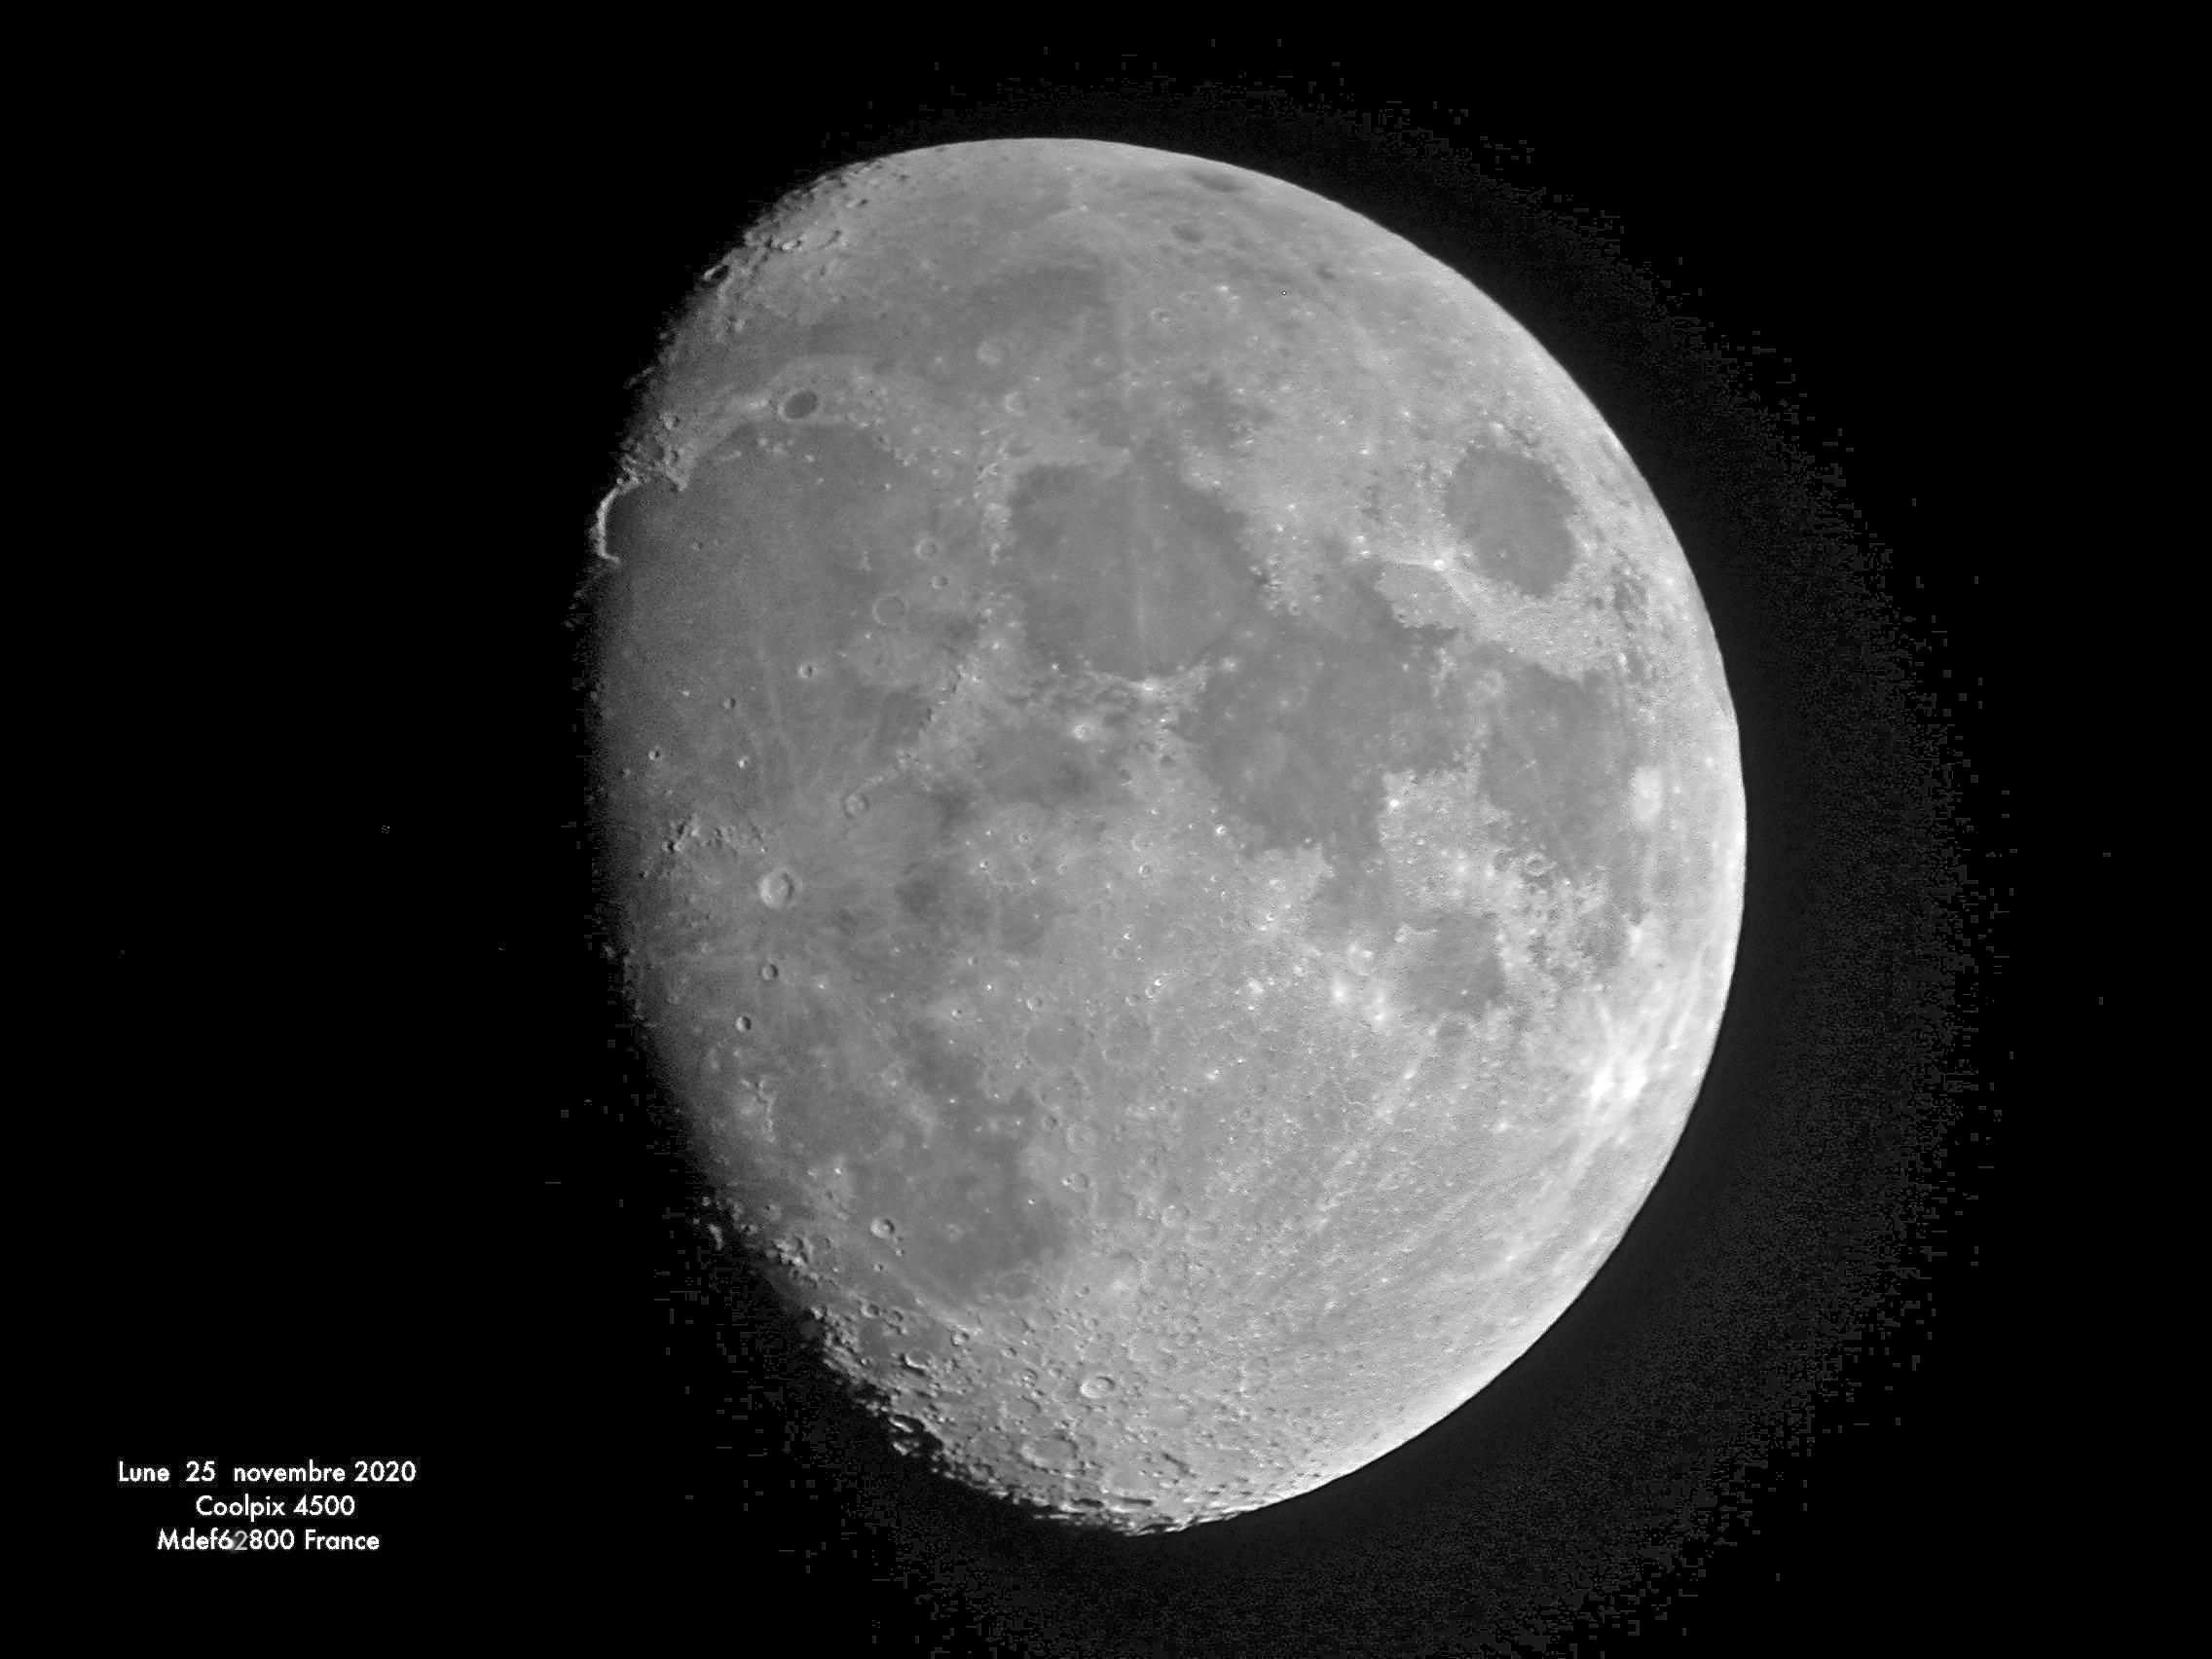 Lune du 25 novembre 2020